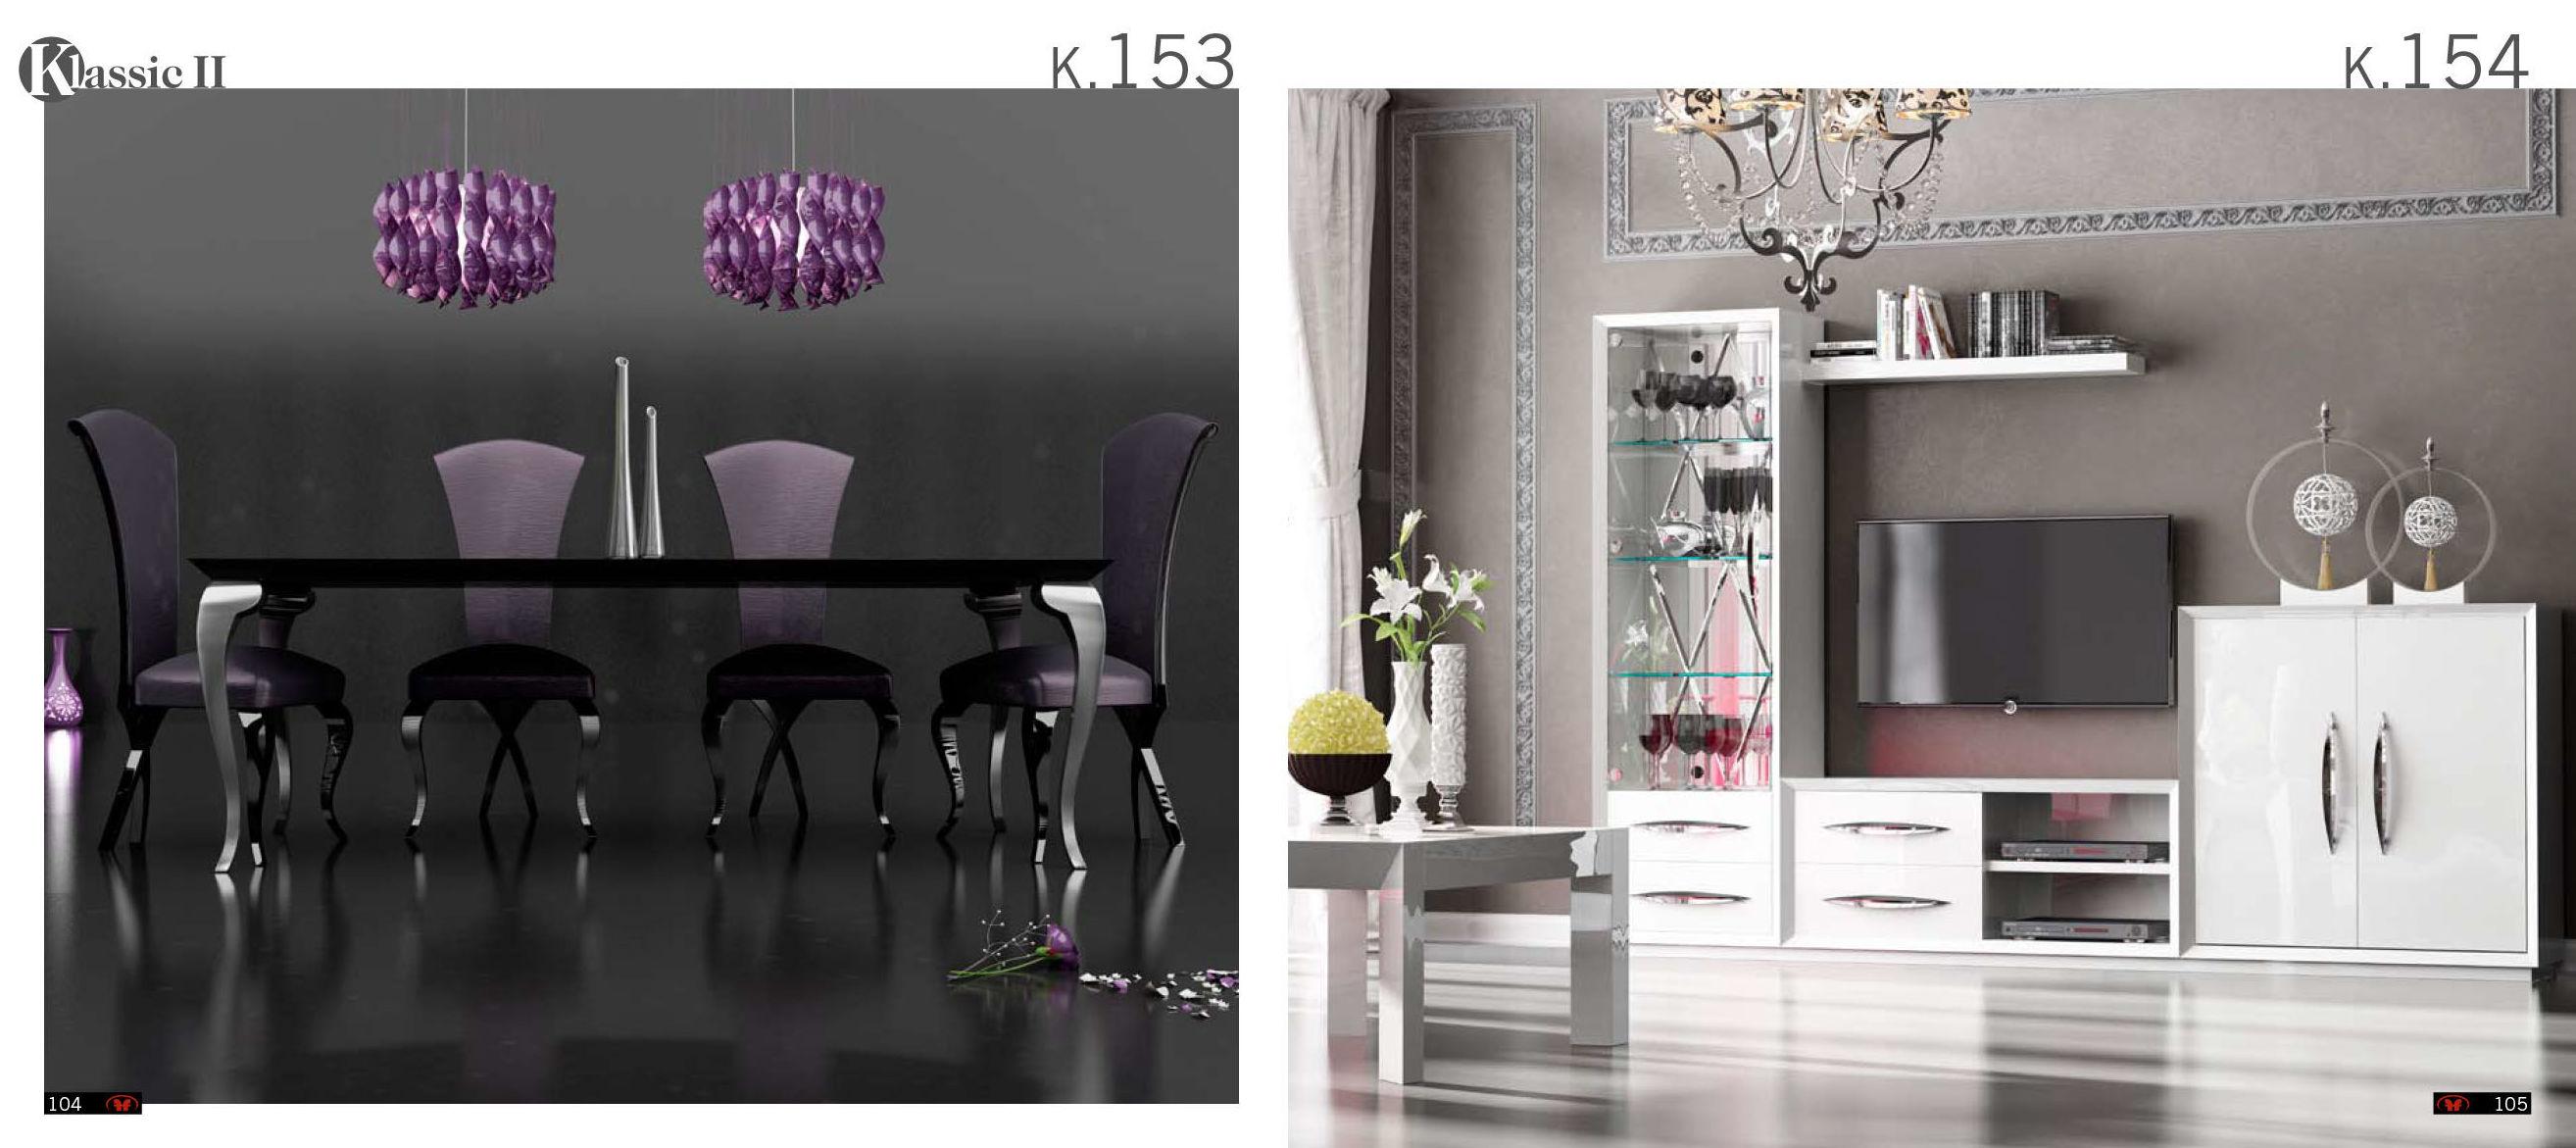 Franco furniture colecci n klassic 2 cat logo de muebles for Muebles briole catalogo